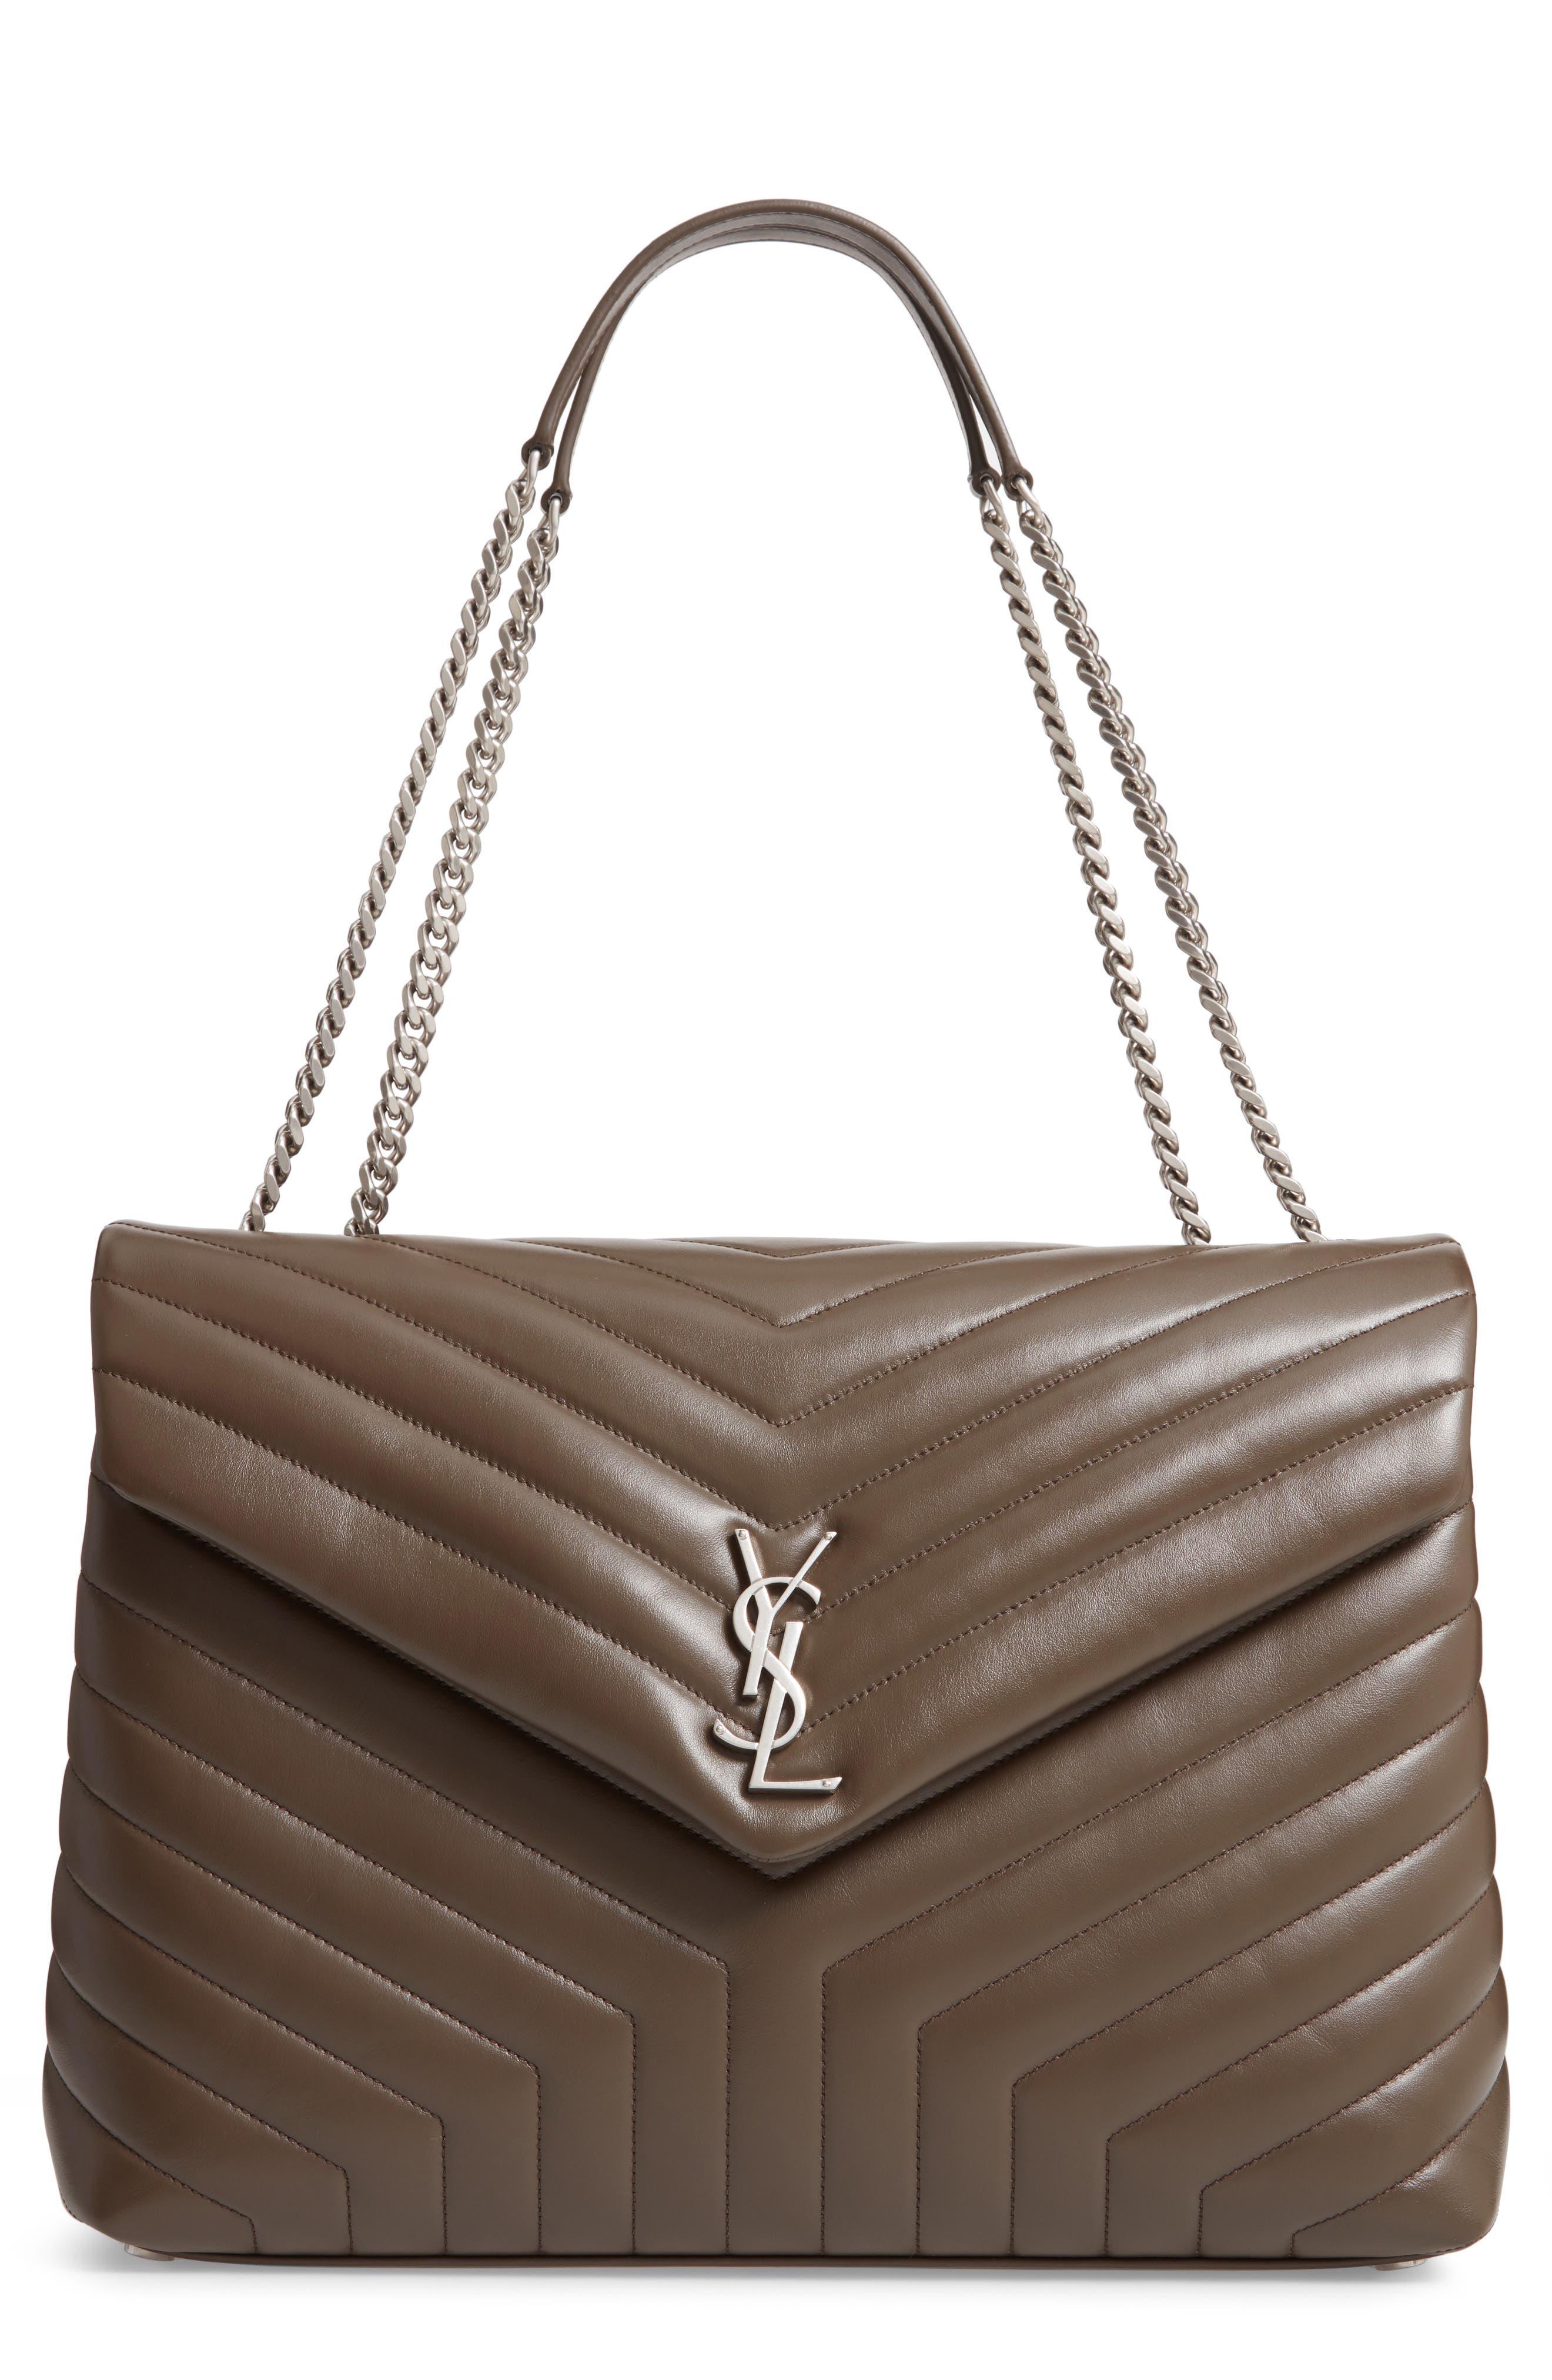 SAINT LAURENT, Large Loulou Matelassé Leather Shoulder Bag, Main thumbnail 1, color, FAGGIO/ FAGGIO